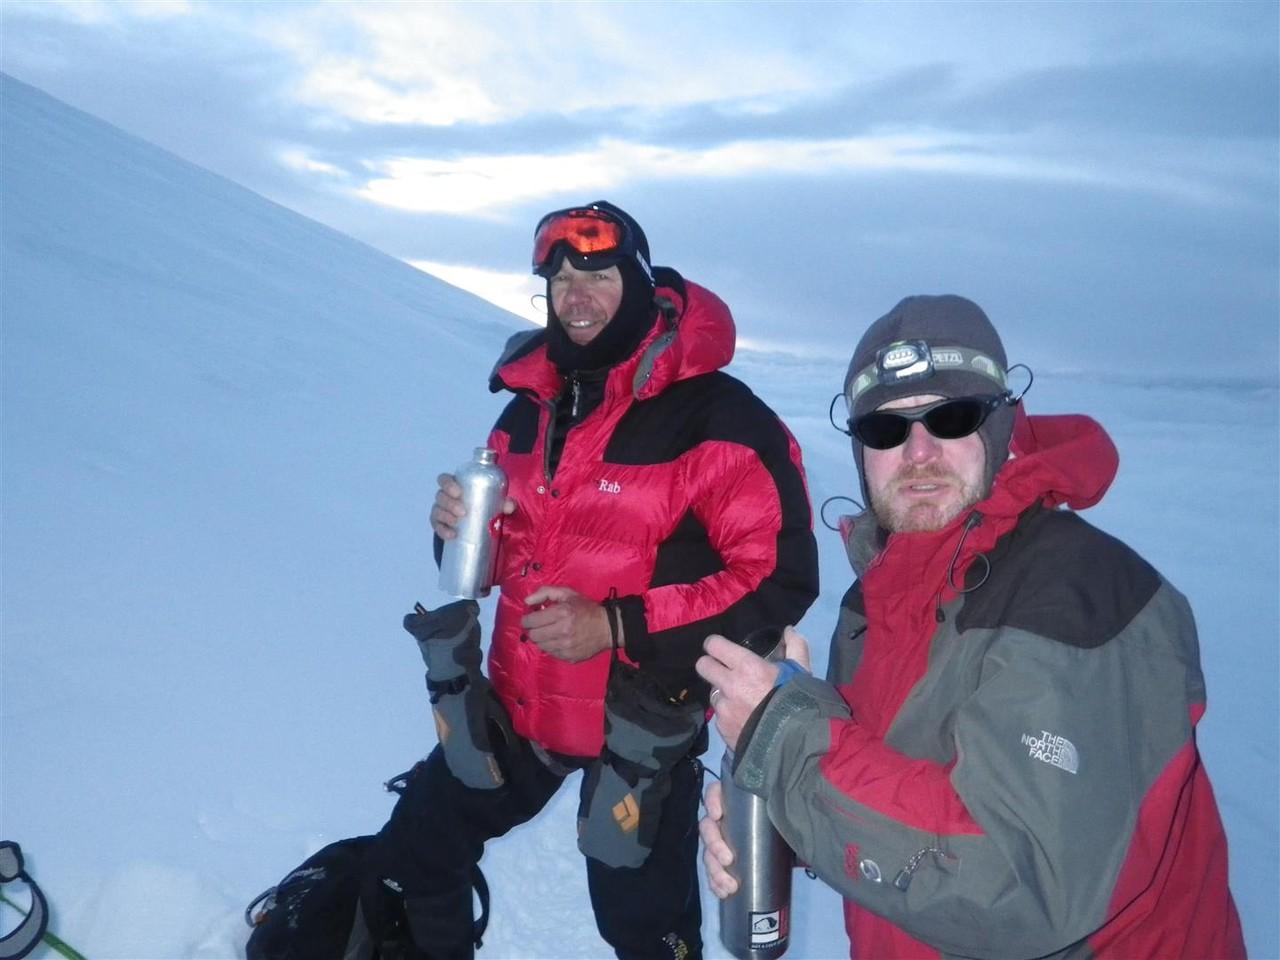 Rob aus London (ein starker Bergsteiger)